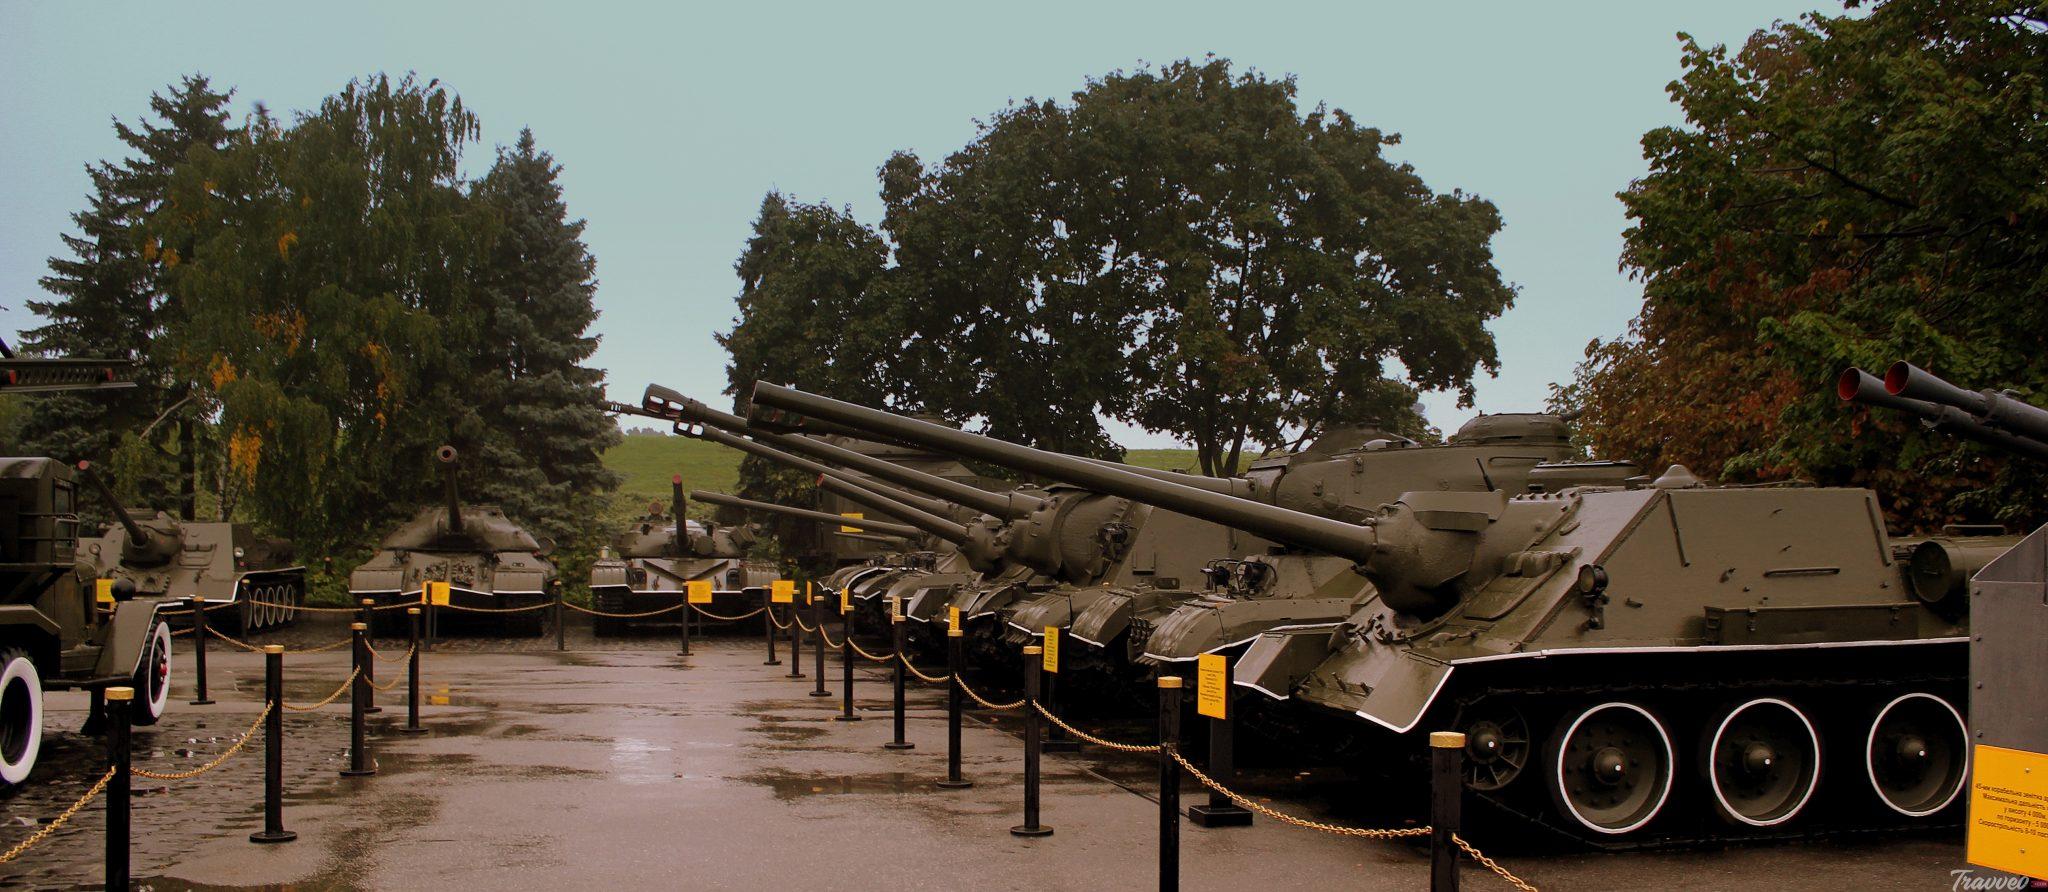 جولة سياحية مميزة في كييف متحف الحرب الوطنية